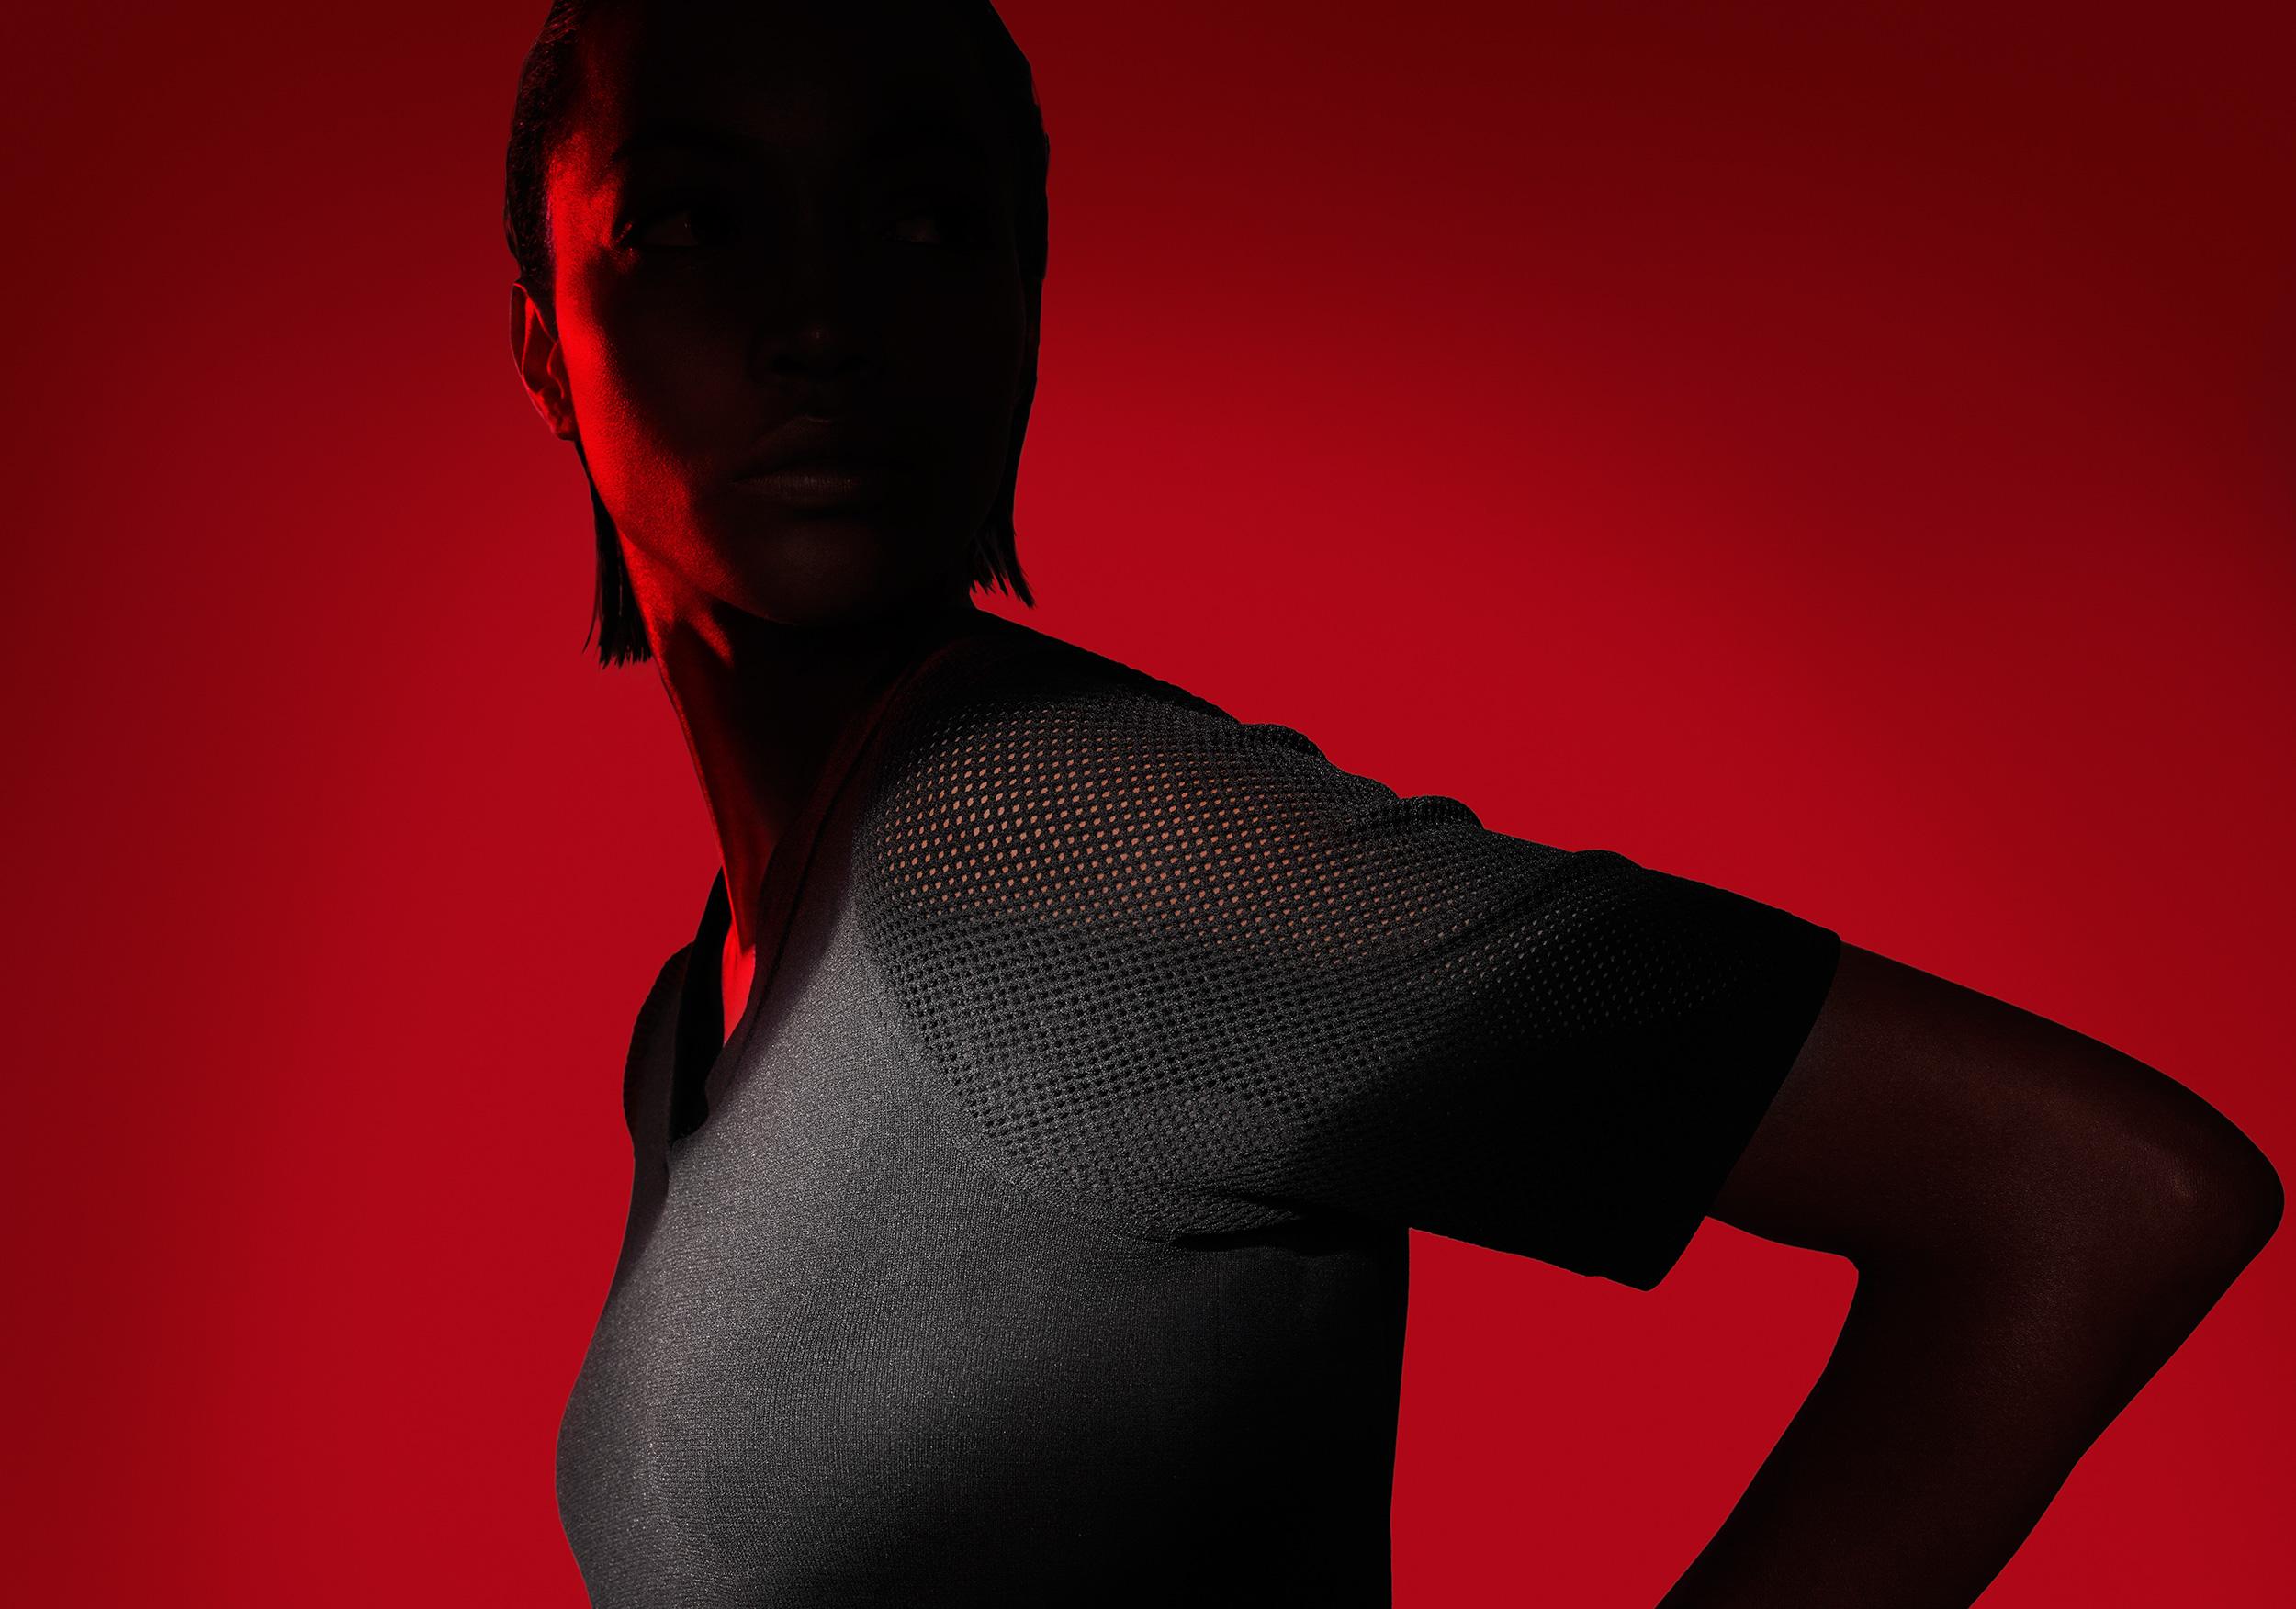 Nike Flyknit sport 3d cgi render red woman